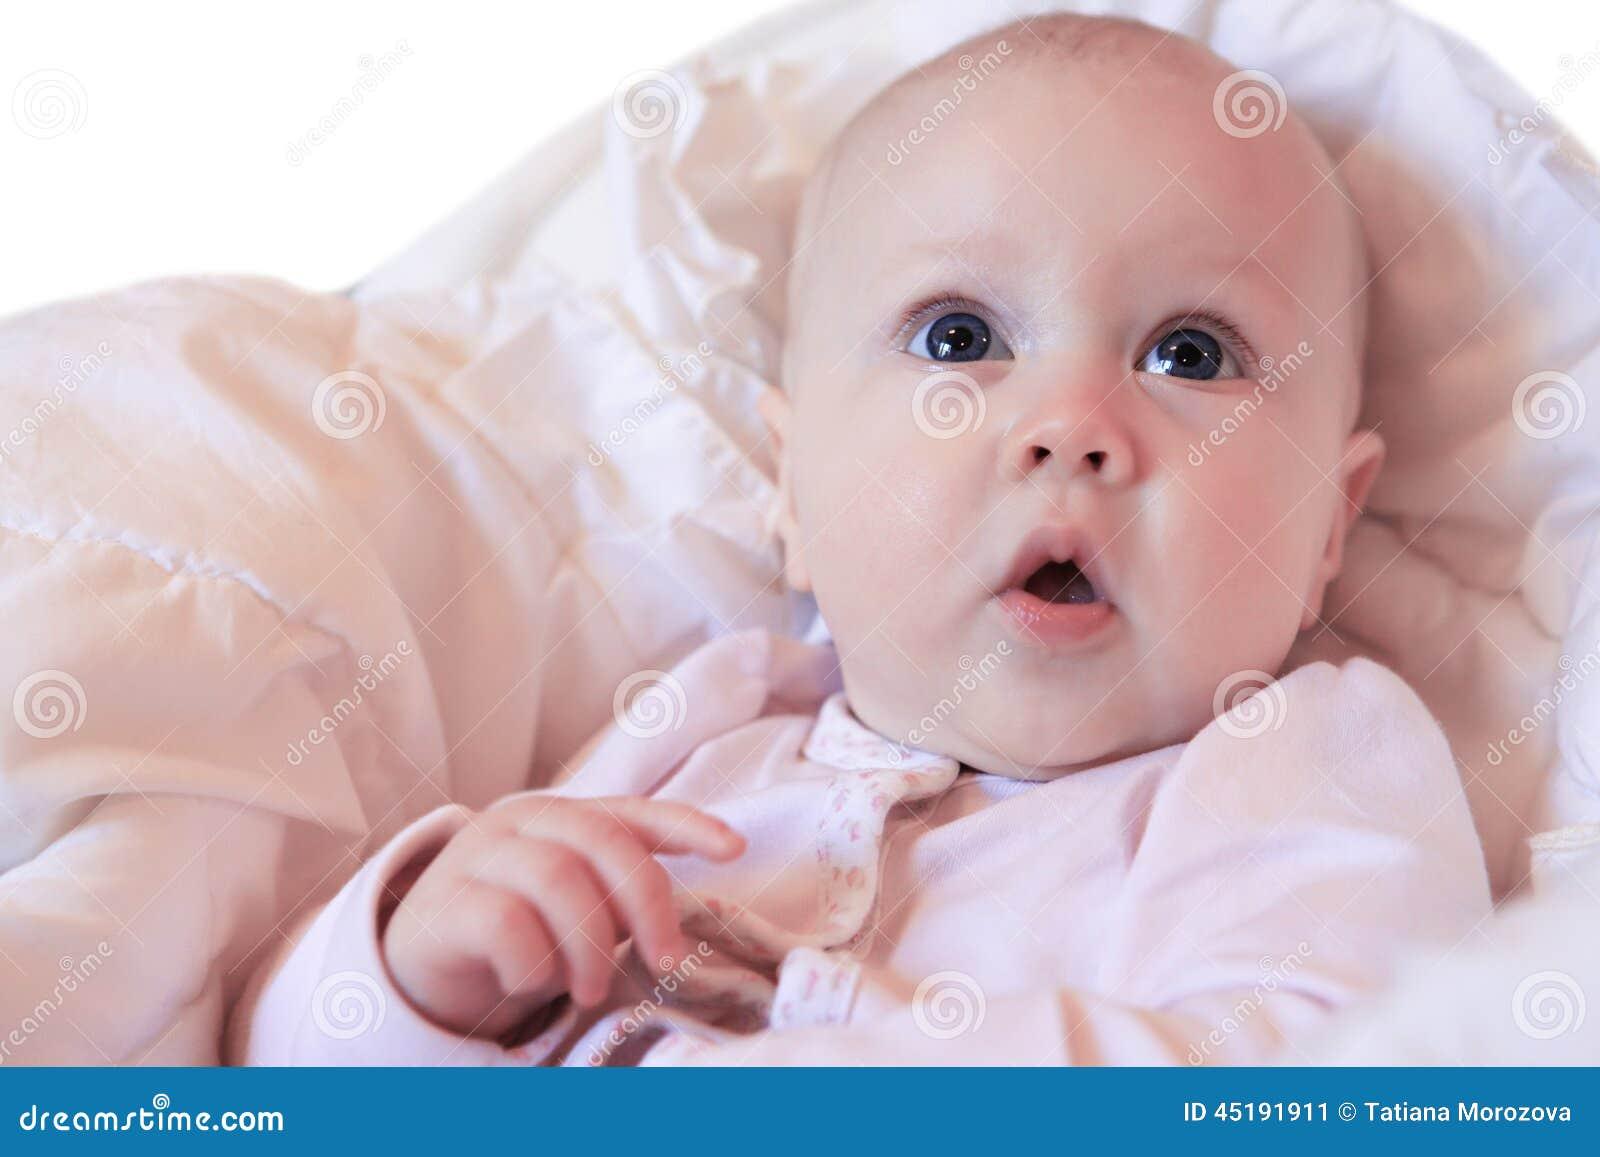 Mooi klein meisje stock foto afbeelding 45191911 - Kleurenkamer klein meisje ...